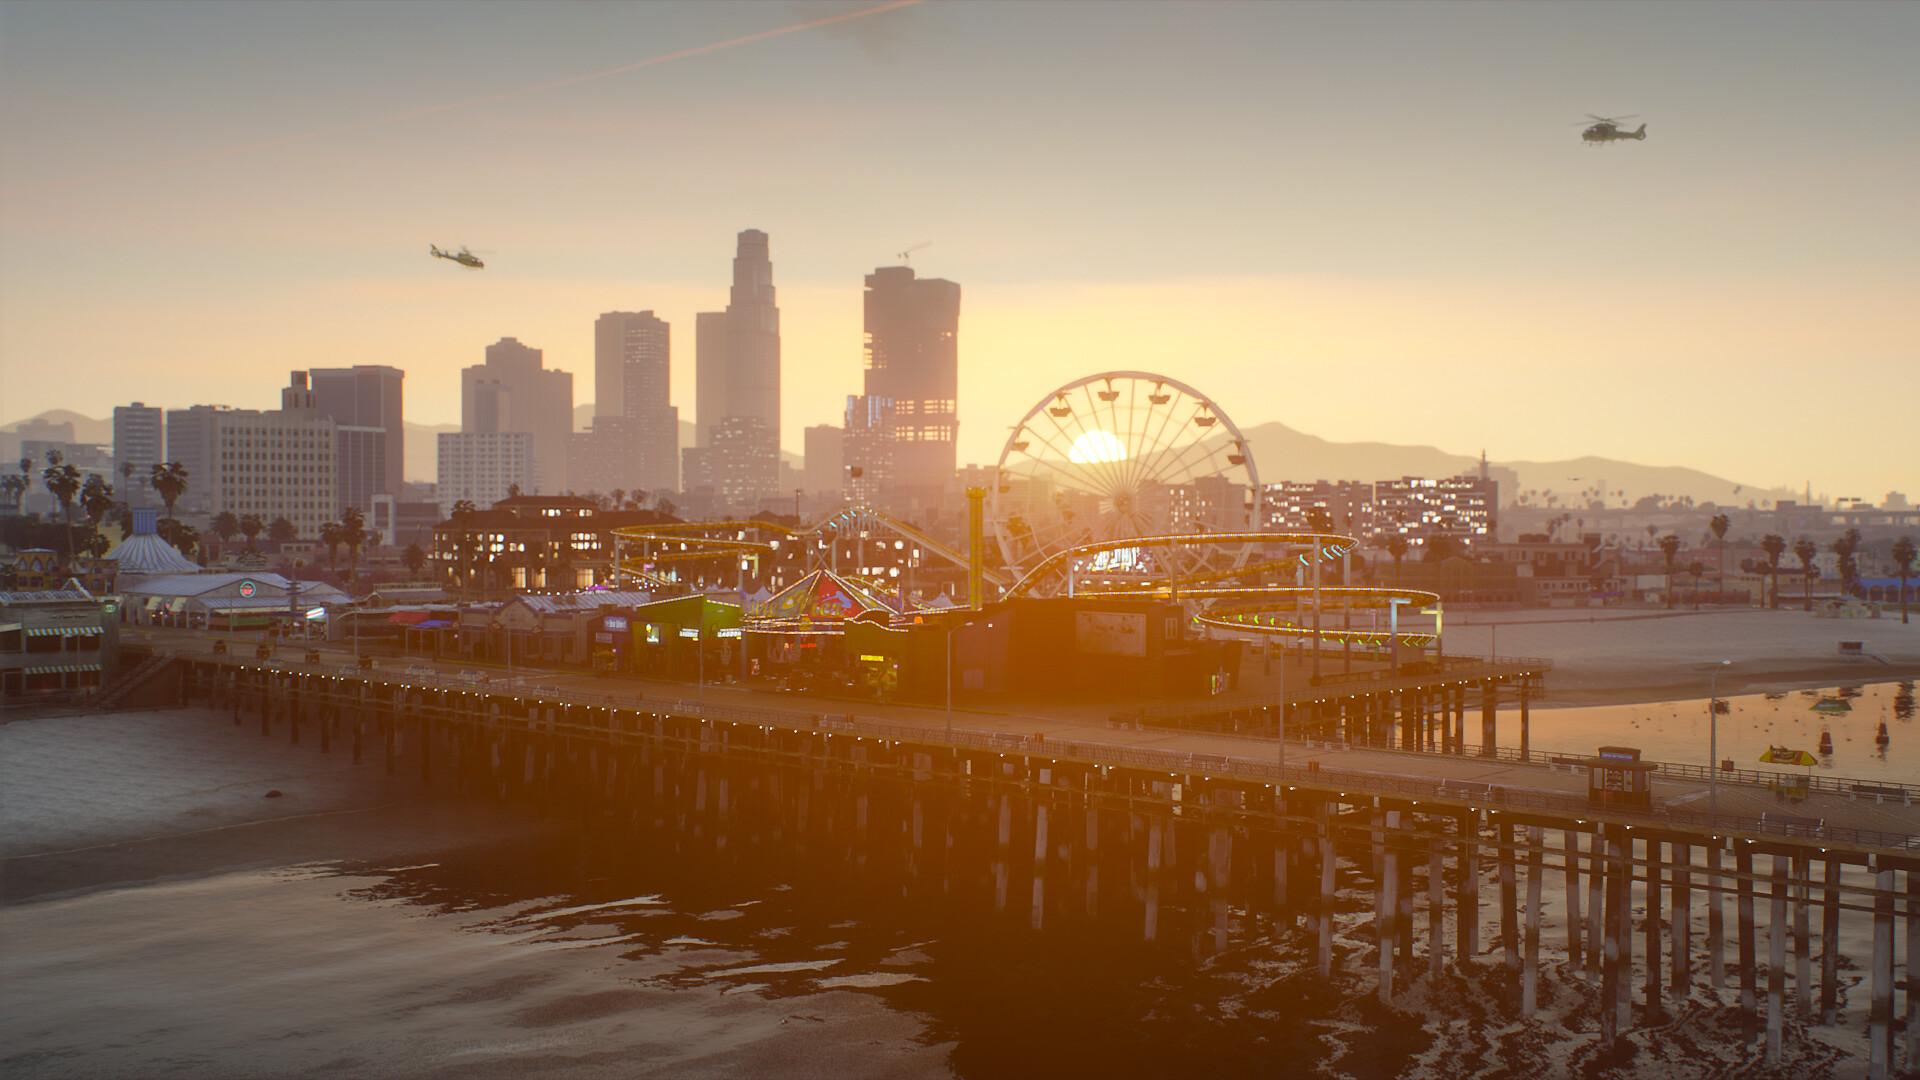 Grand Theft Auto V - Chế độ mới «NaturalVision Evolve» hiện đang được truy cập sớm; Ảnh chụp màn hình và Rơ moóc 3